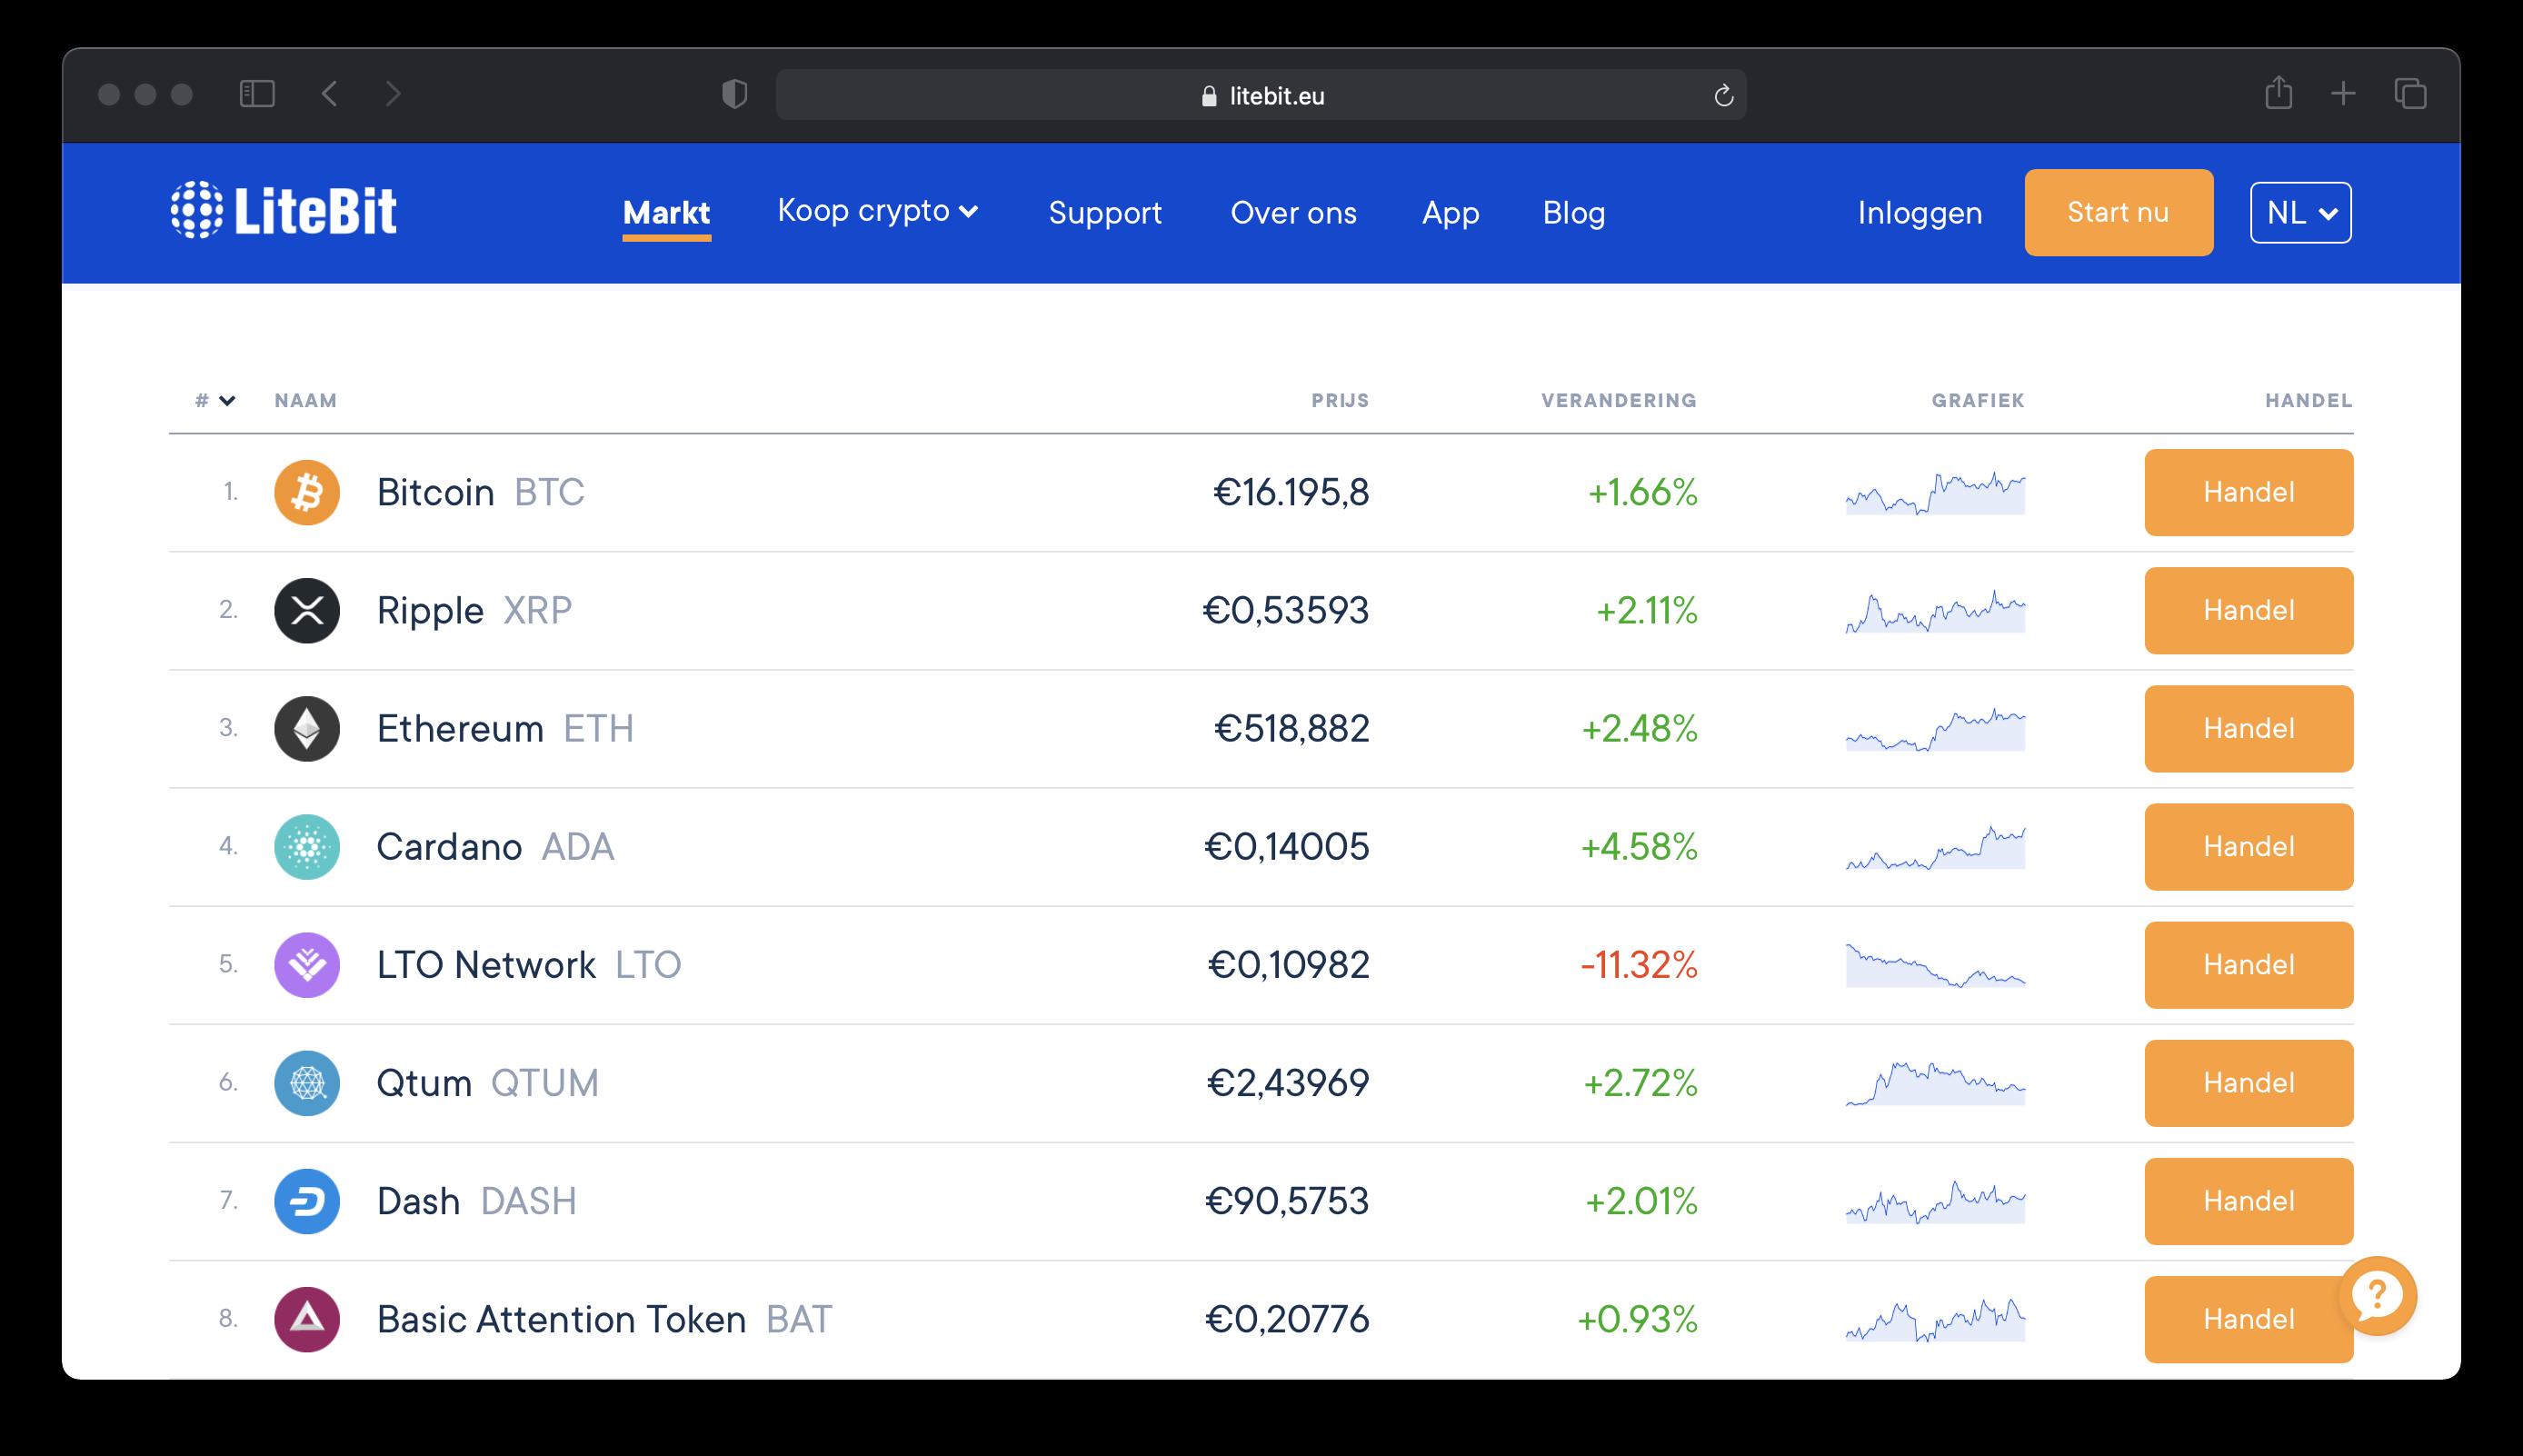 De LiteBit-website voor crypto kopen